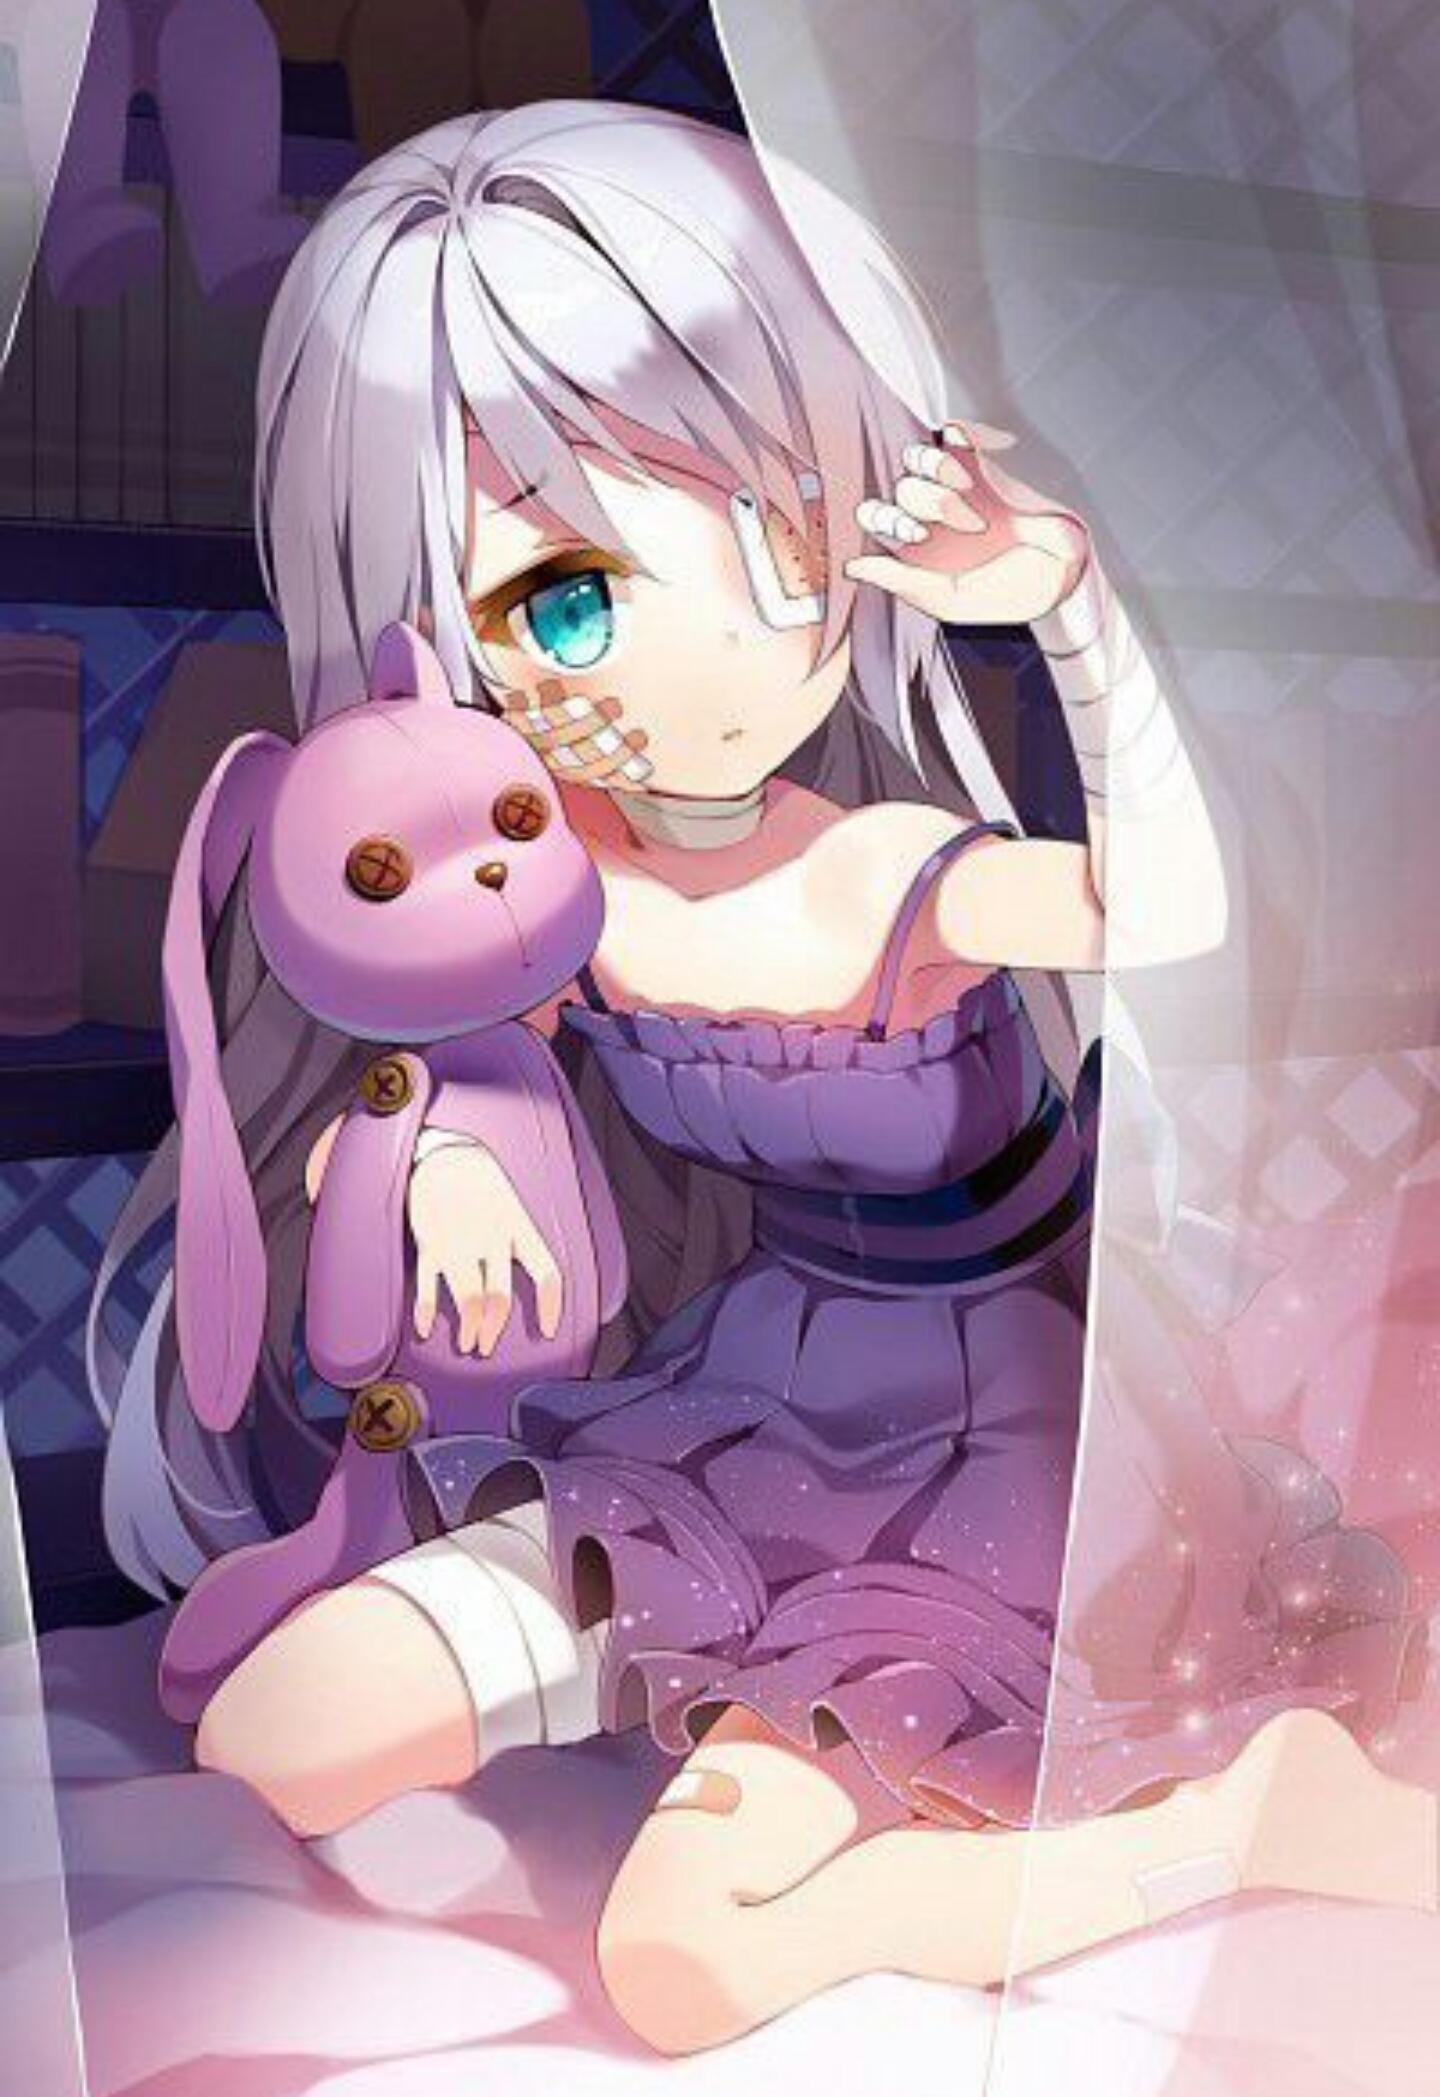 Anime Eyepatch Girl : anime, eyepatch, Kawaii, Bunny, Eyepatch, Image, ~Anime~